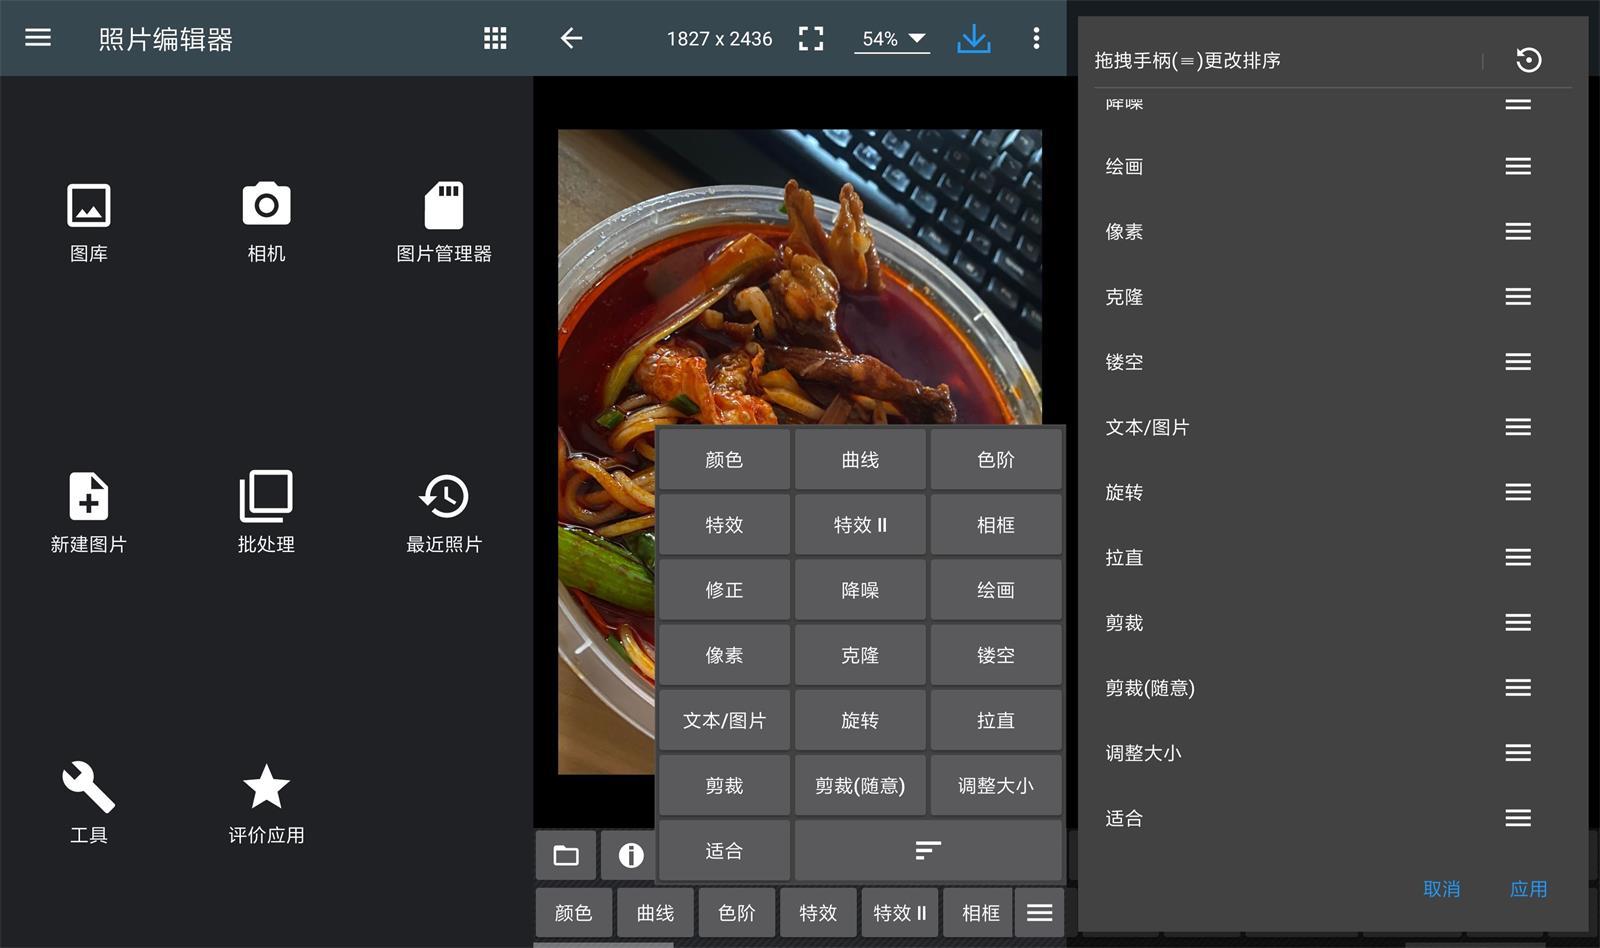 手机相片修改_安卓照片编辑器优化版